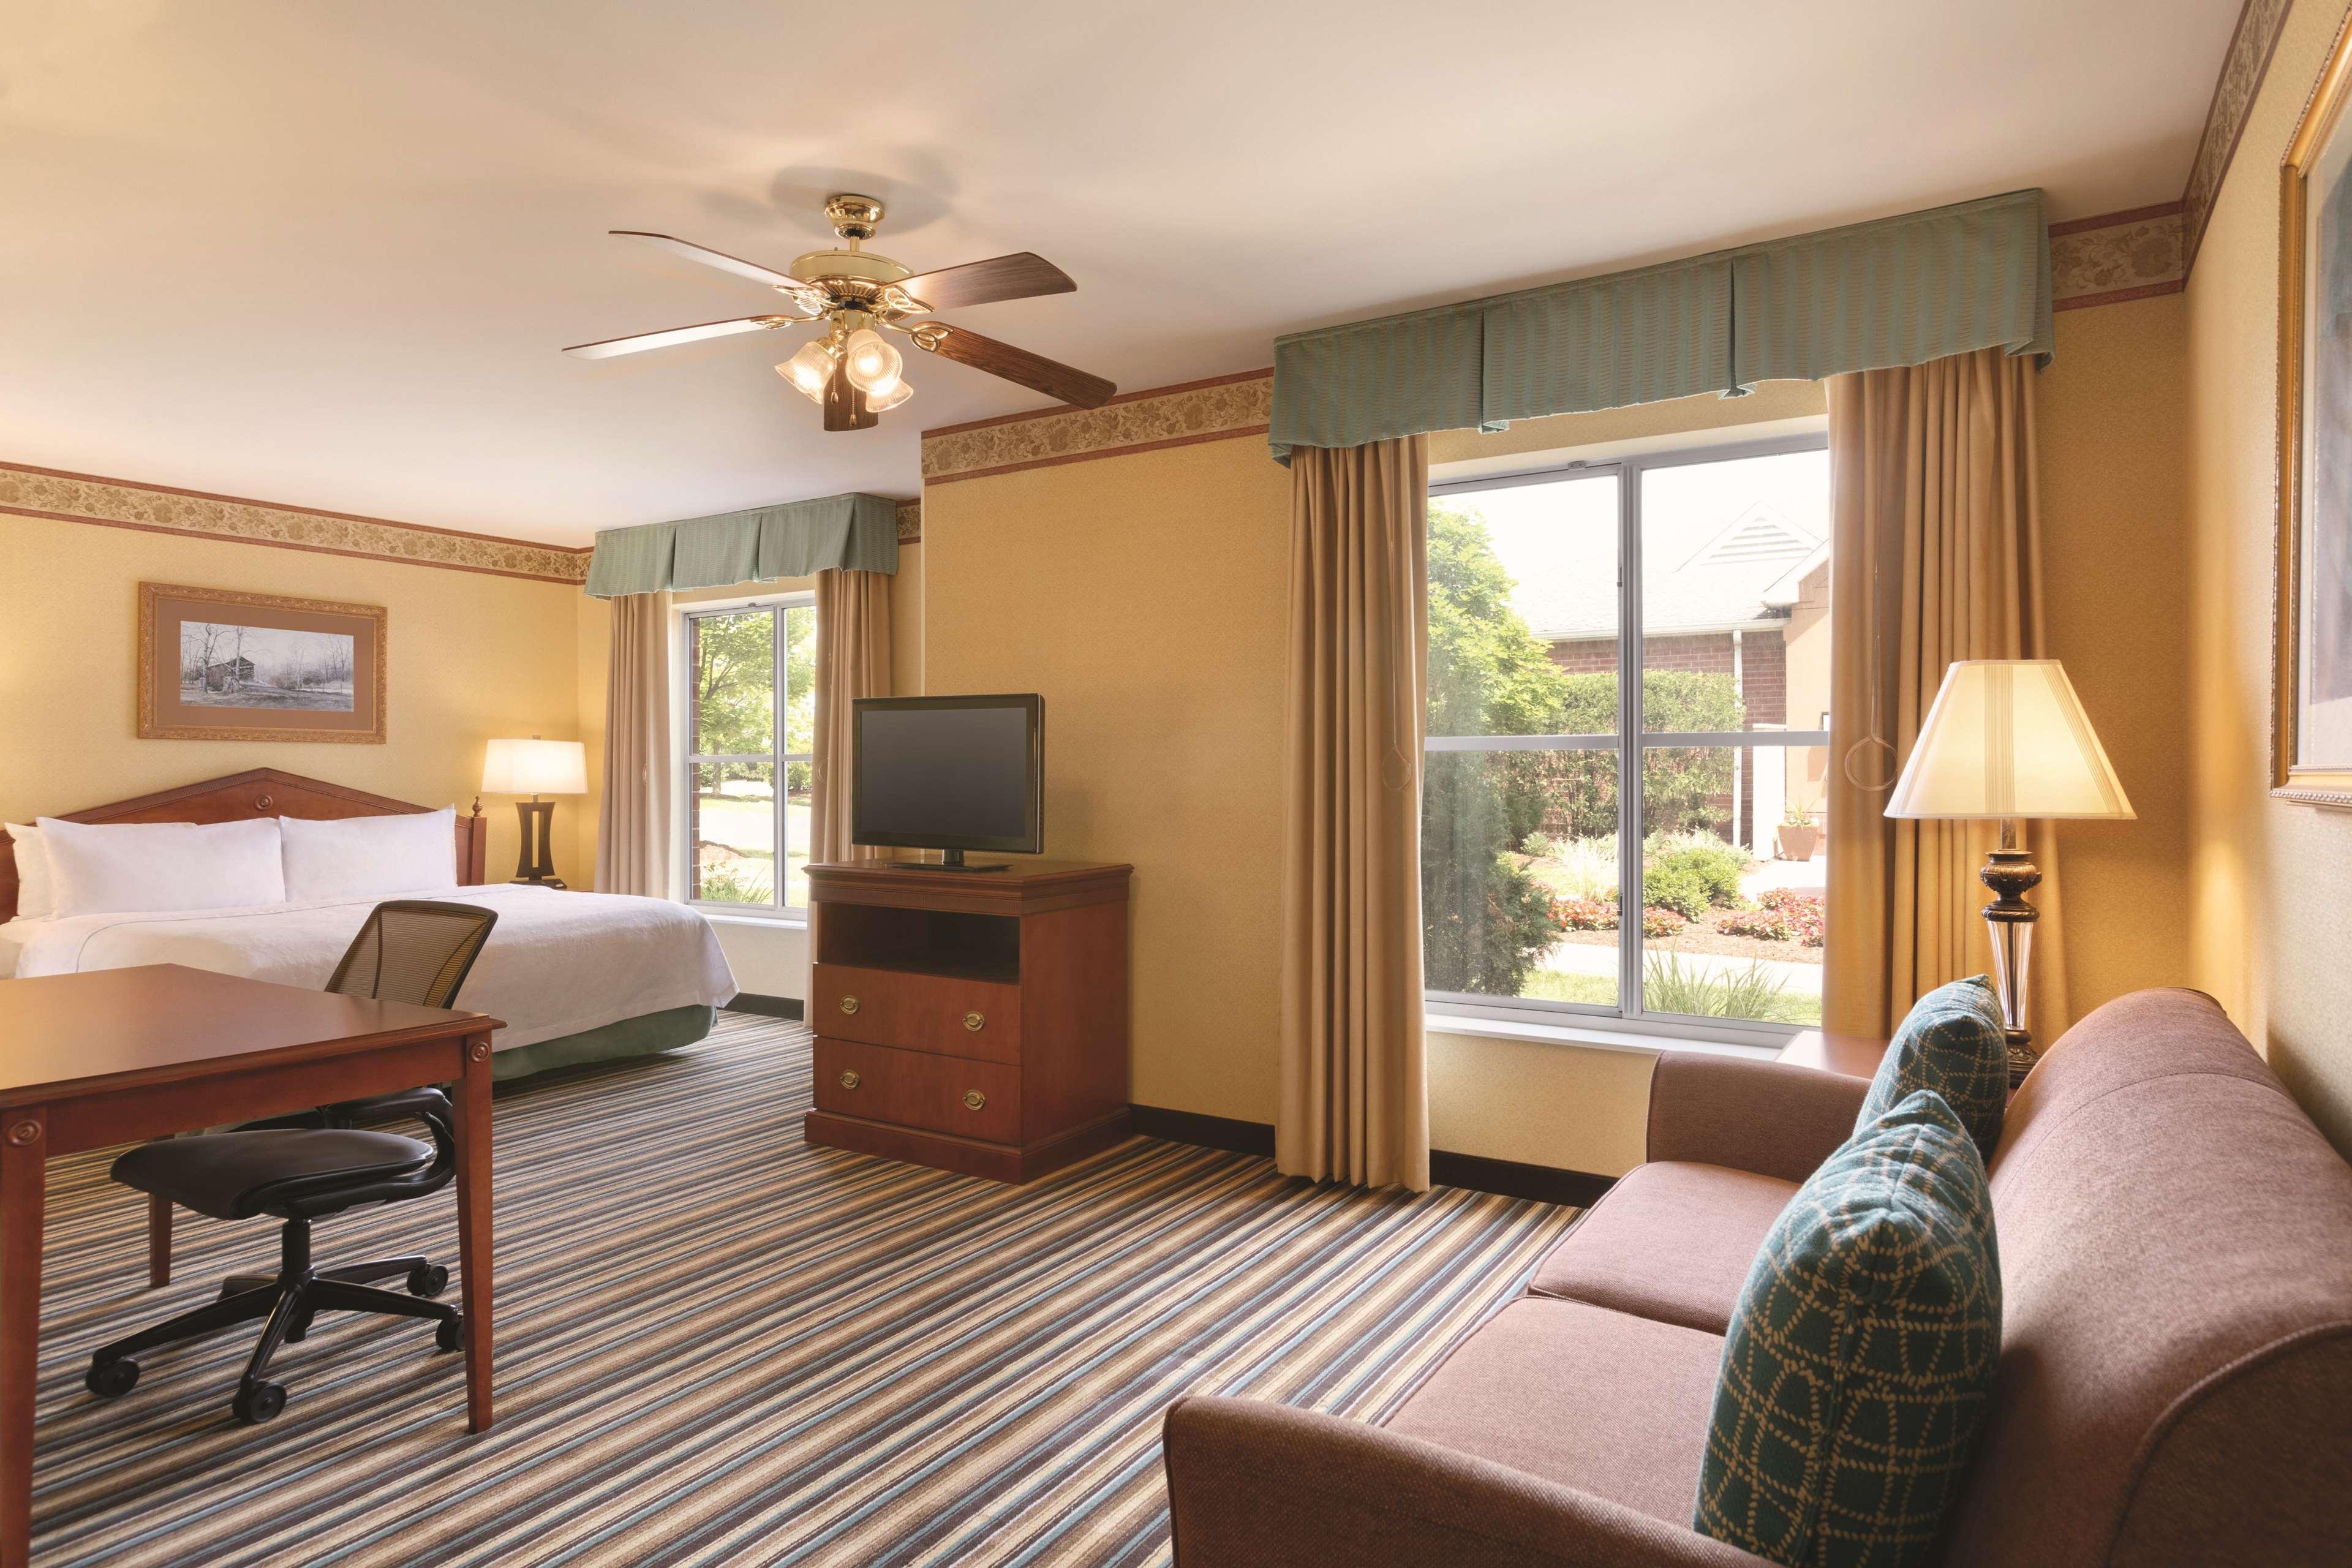 Homewood Suites by Hilton Detroit-Troy image 20